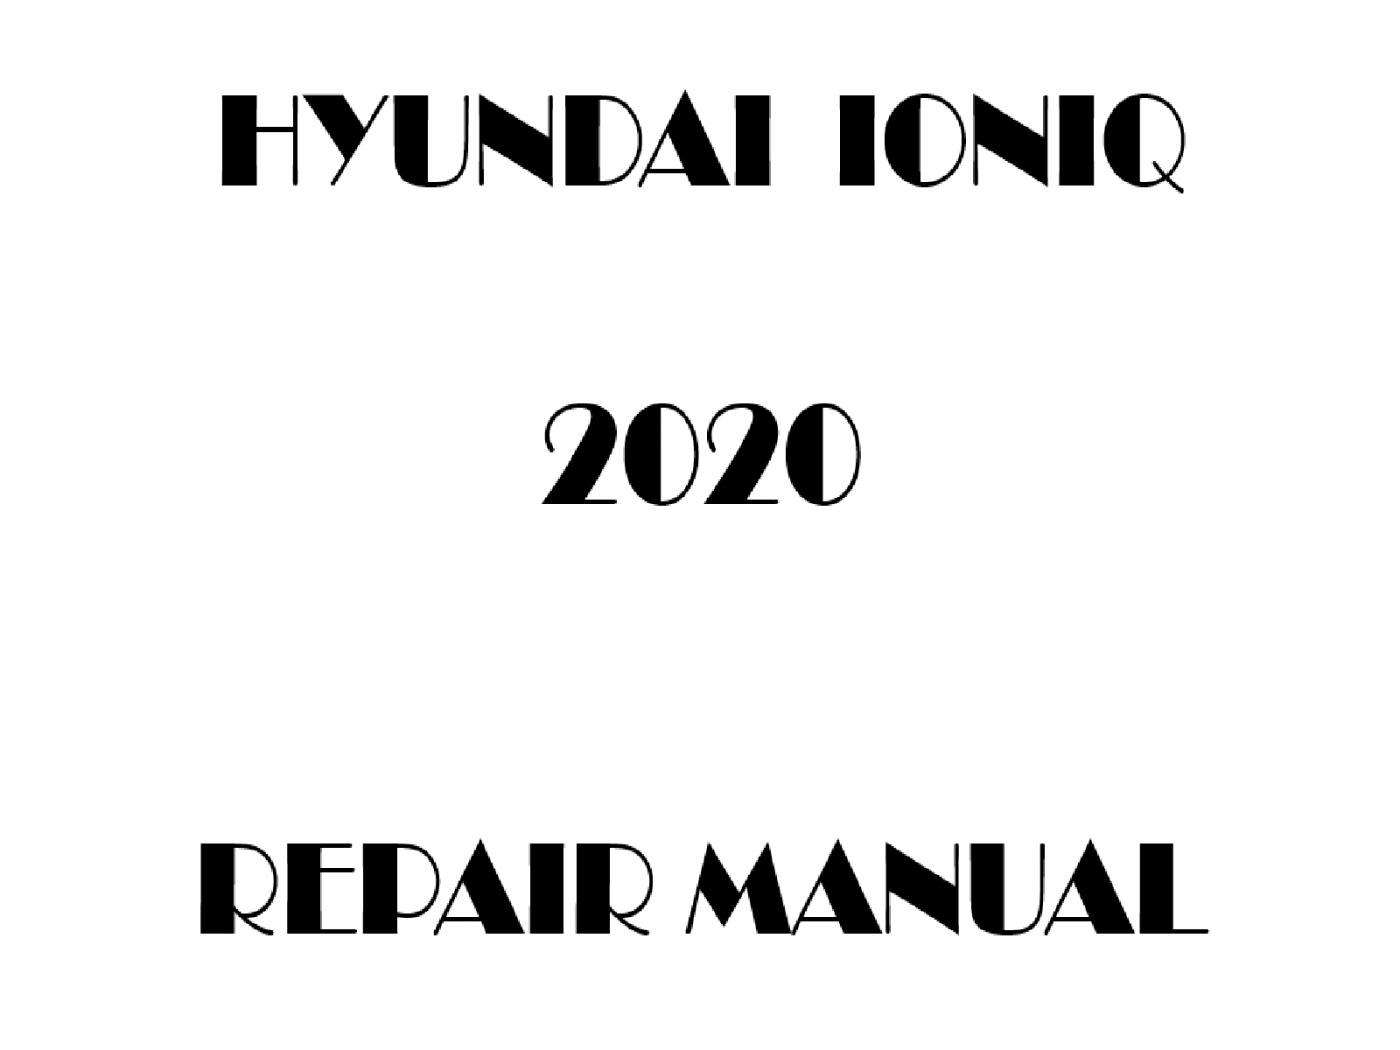 2020 Hyundai IONIQ repair manual